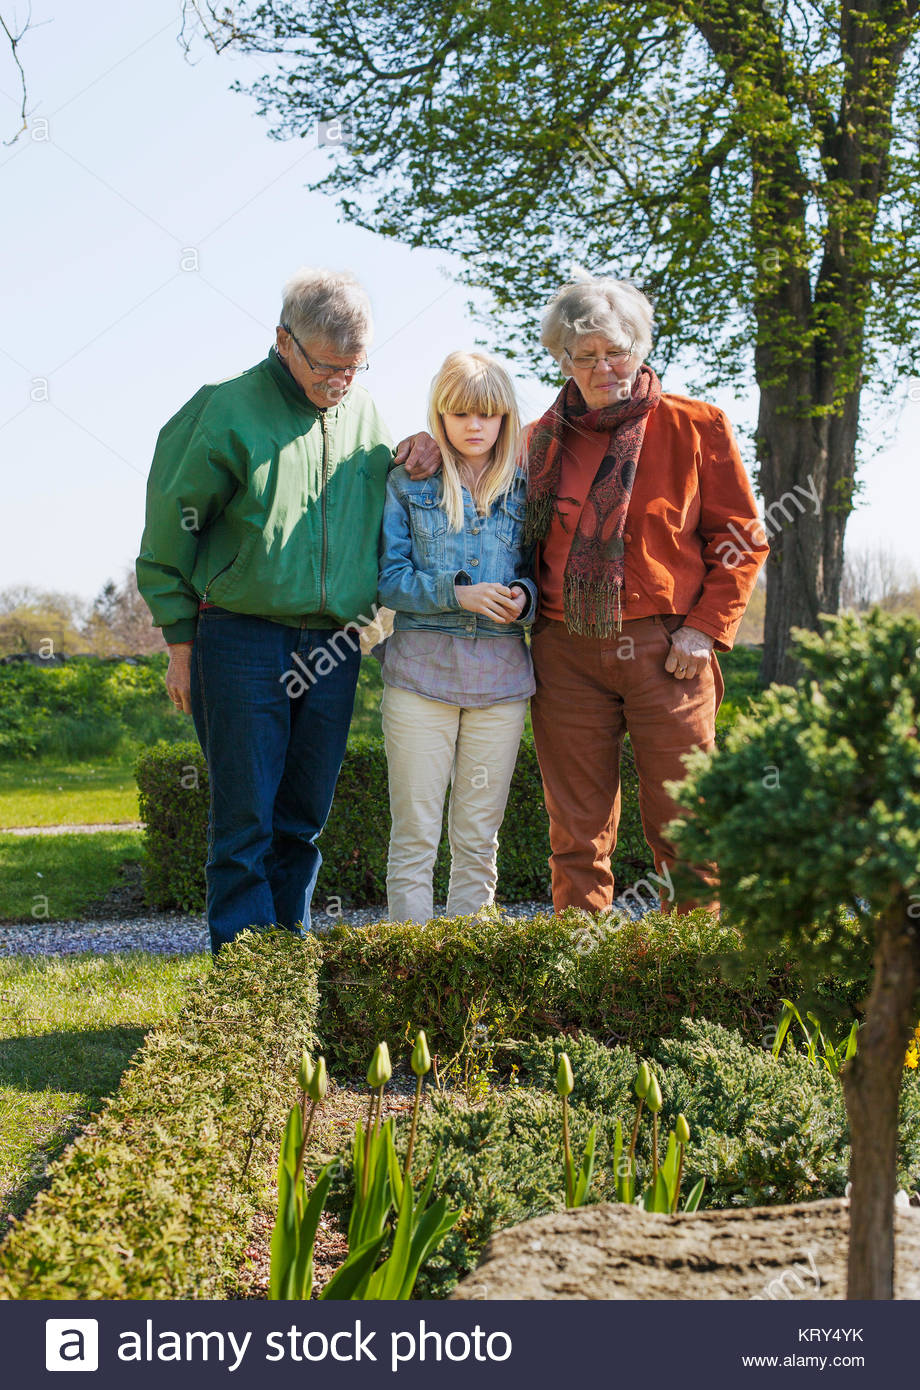 Ragazza e i suoi nonni nel sagrato giardino Immagini Stock